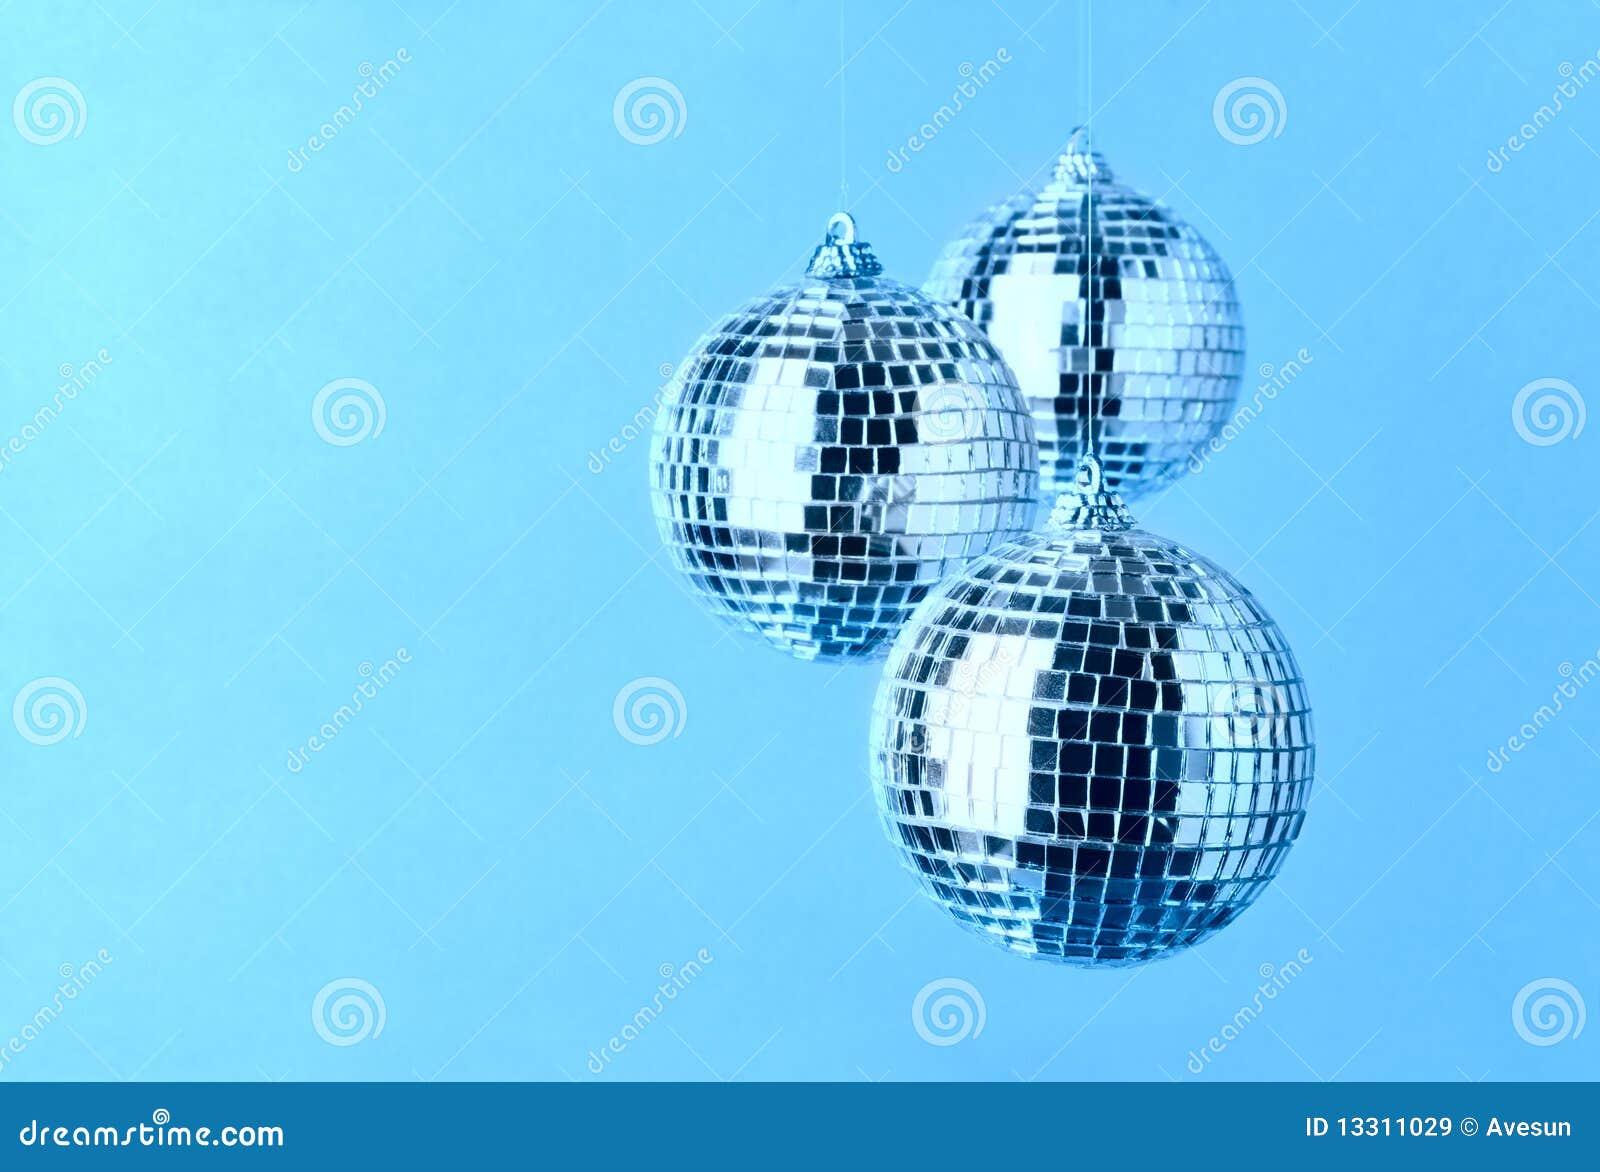 De decoratie van de discoballen van de spiegel royalty vrije stock afbeeldingen afbeelding - Decoratie van de villas ...